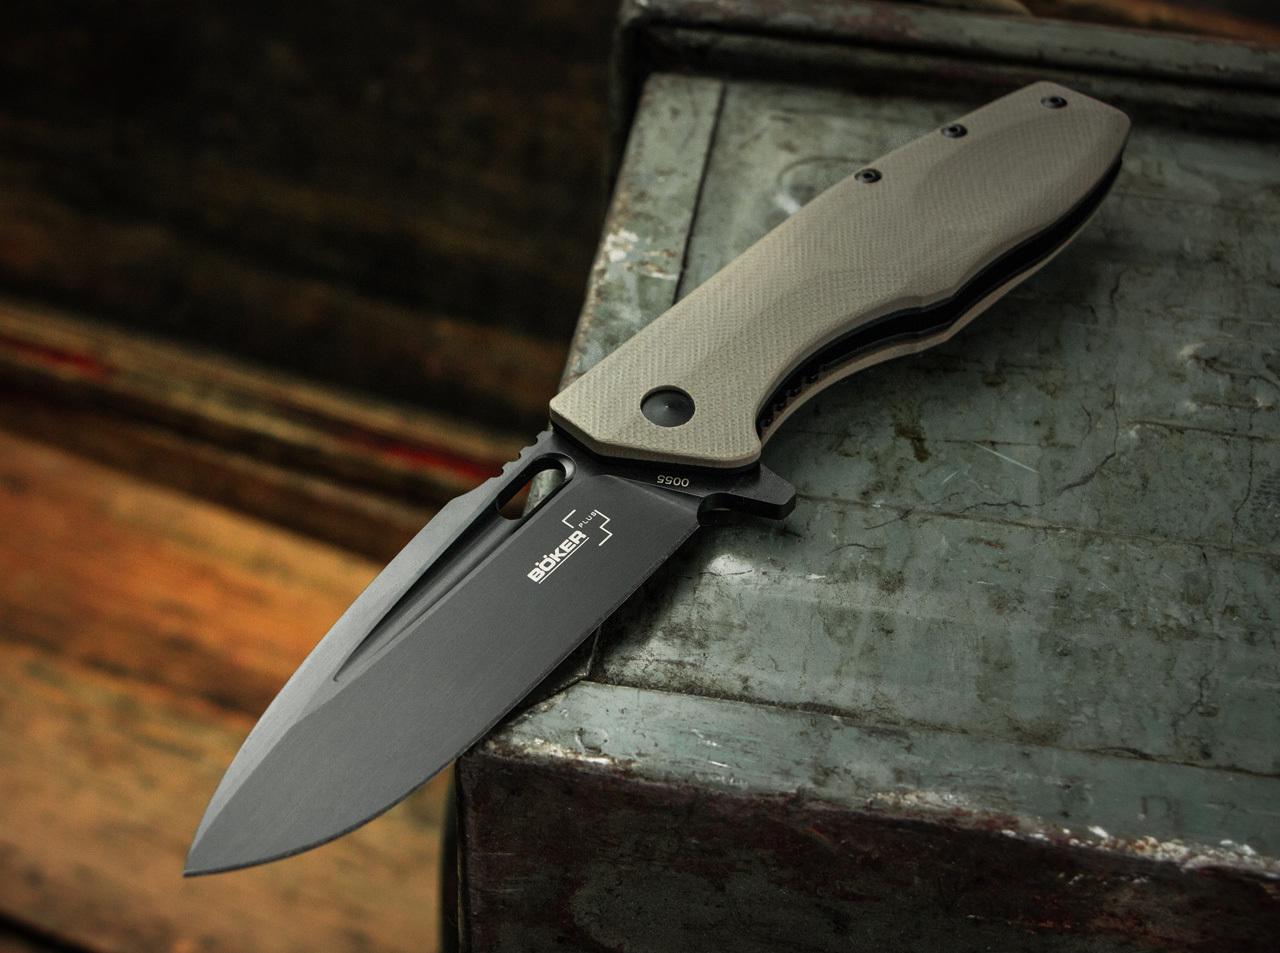 Фото 7 - Нож складной Boker Plus Caracal Tactical, сталь D2 EDP Plain, рукоять стеклотекстолит G10, 01BO759